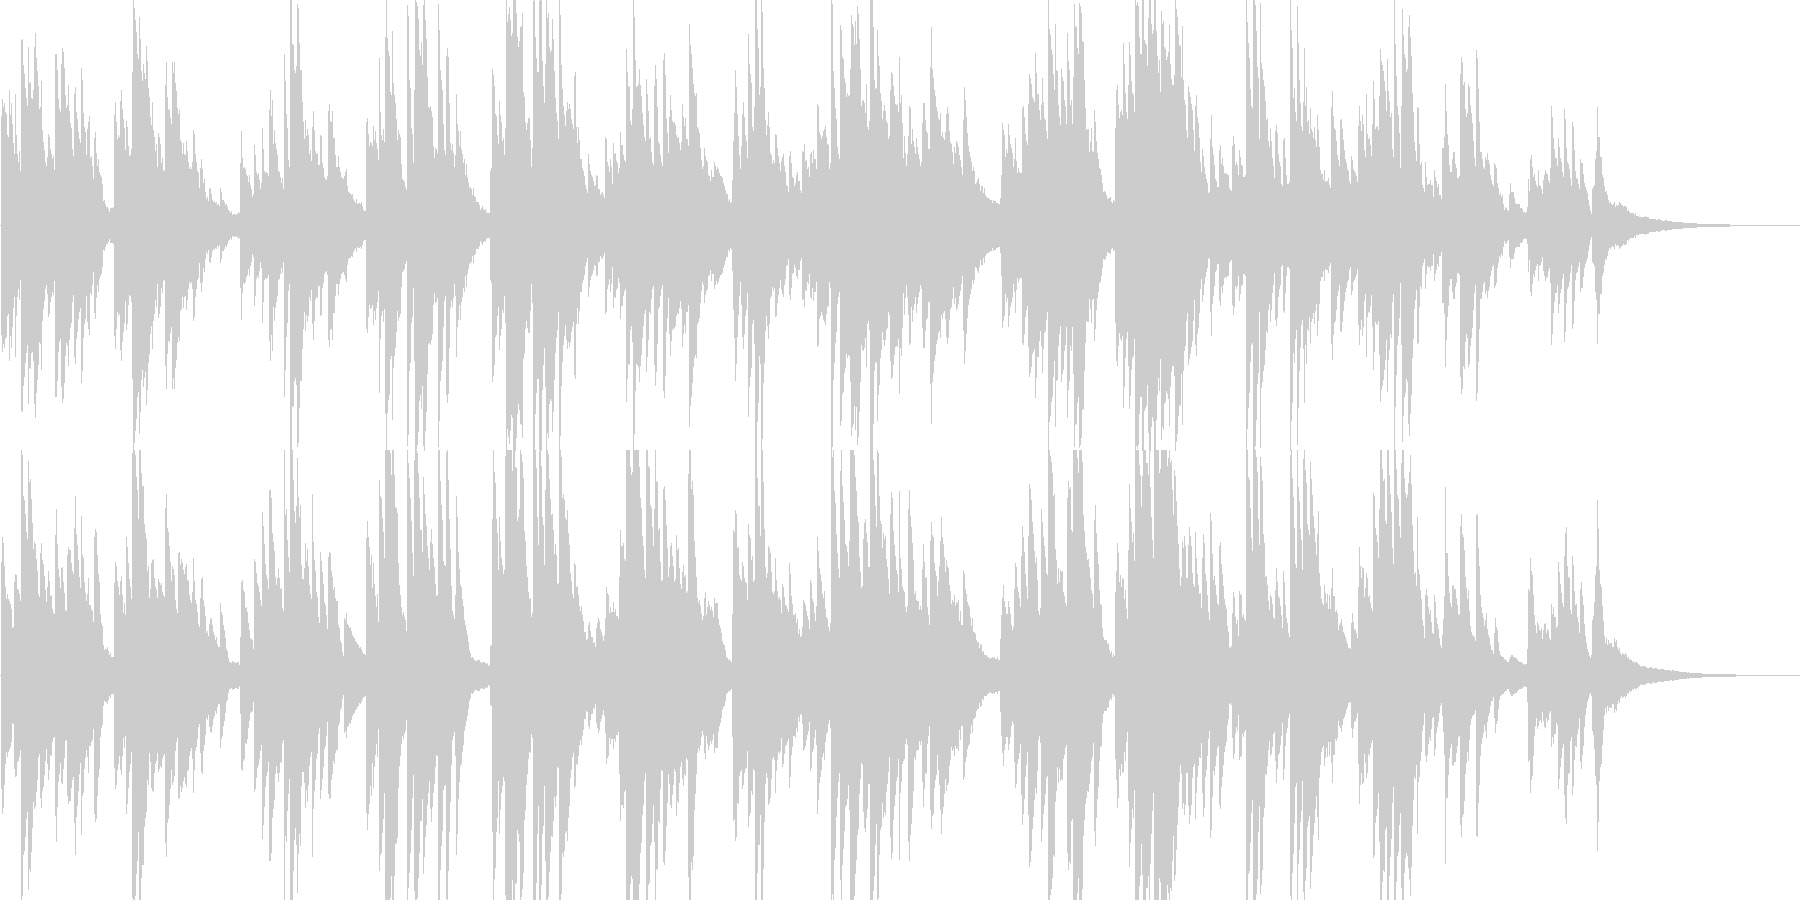 愛しく可愛さのあるピアノバラードの未再生の波形